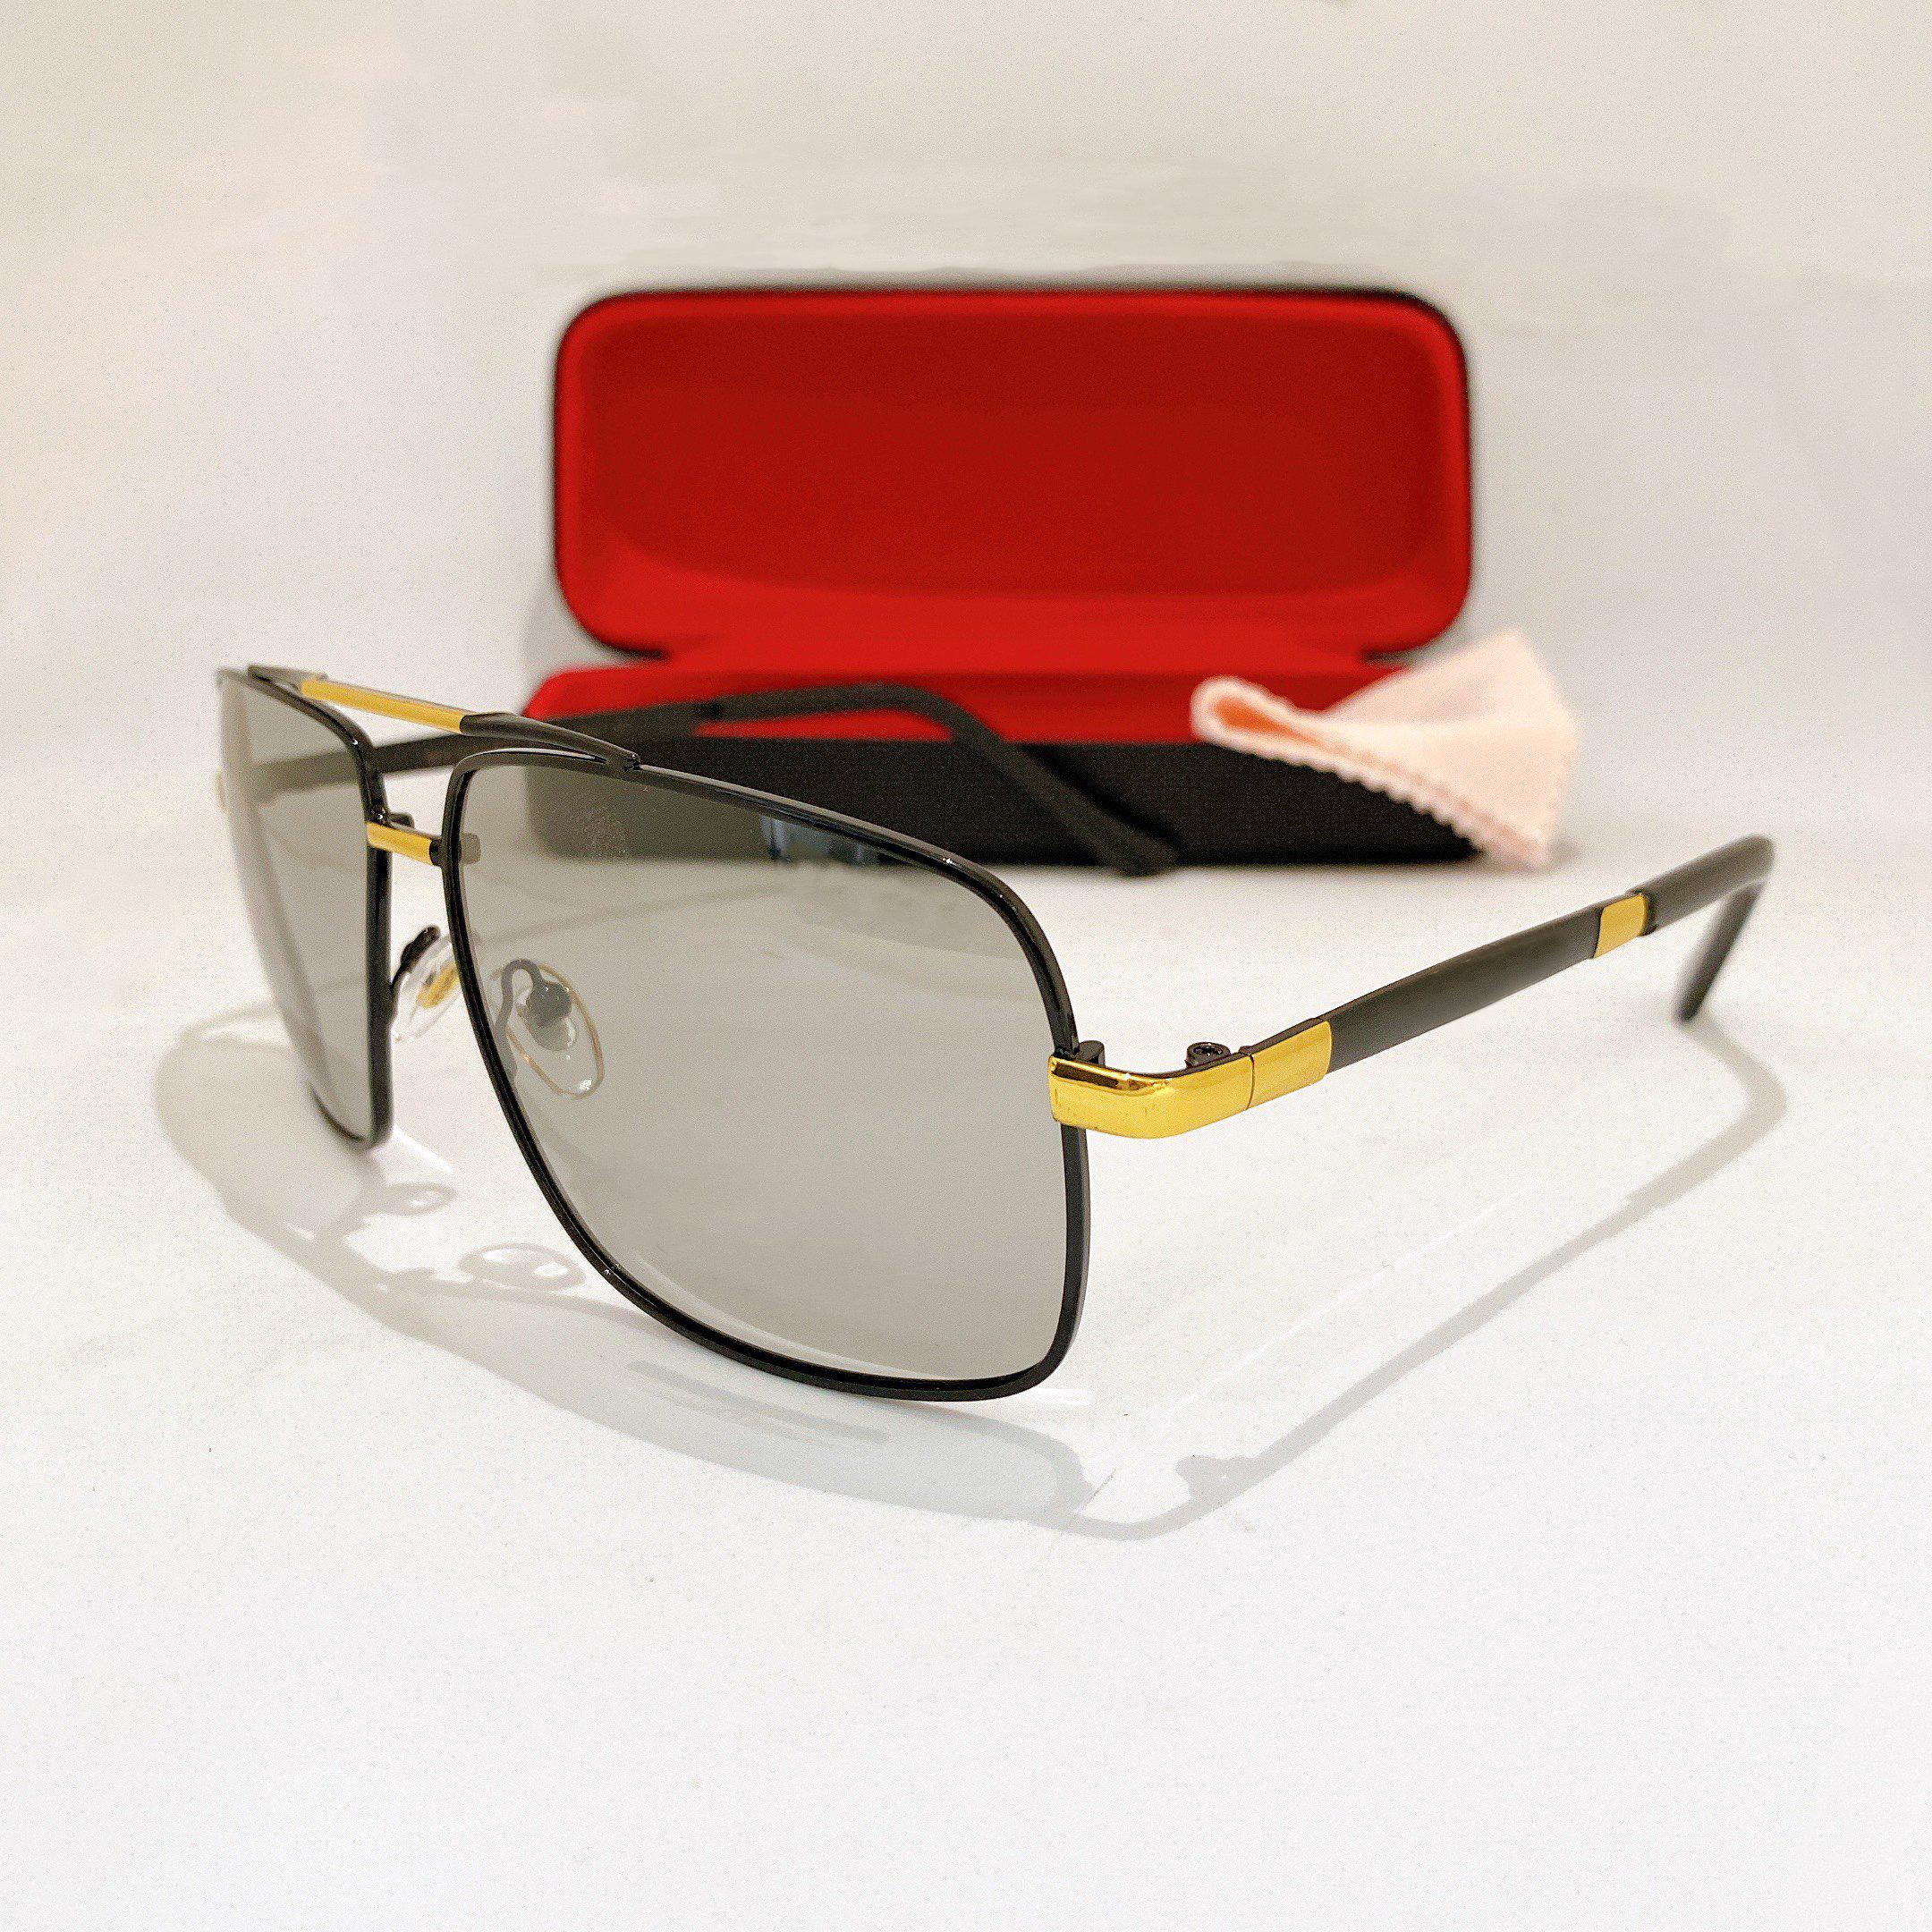 Mắt kính mát nam đổi màu dáng vuông độc đáo dùng cả ngày và đêm tròng Polaroid Jun Secrect BDBEN8601